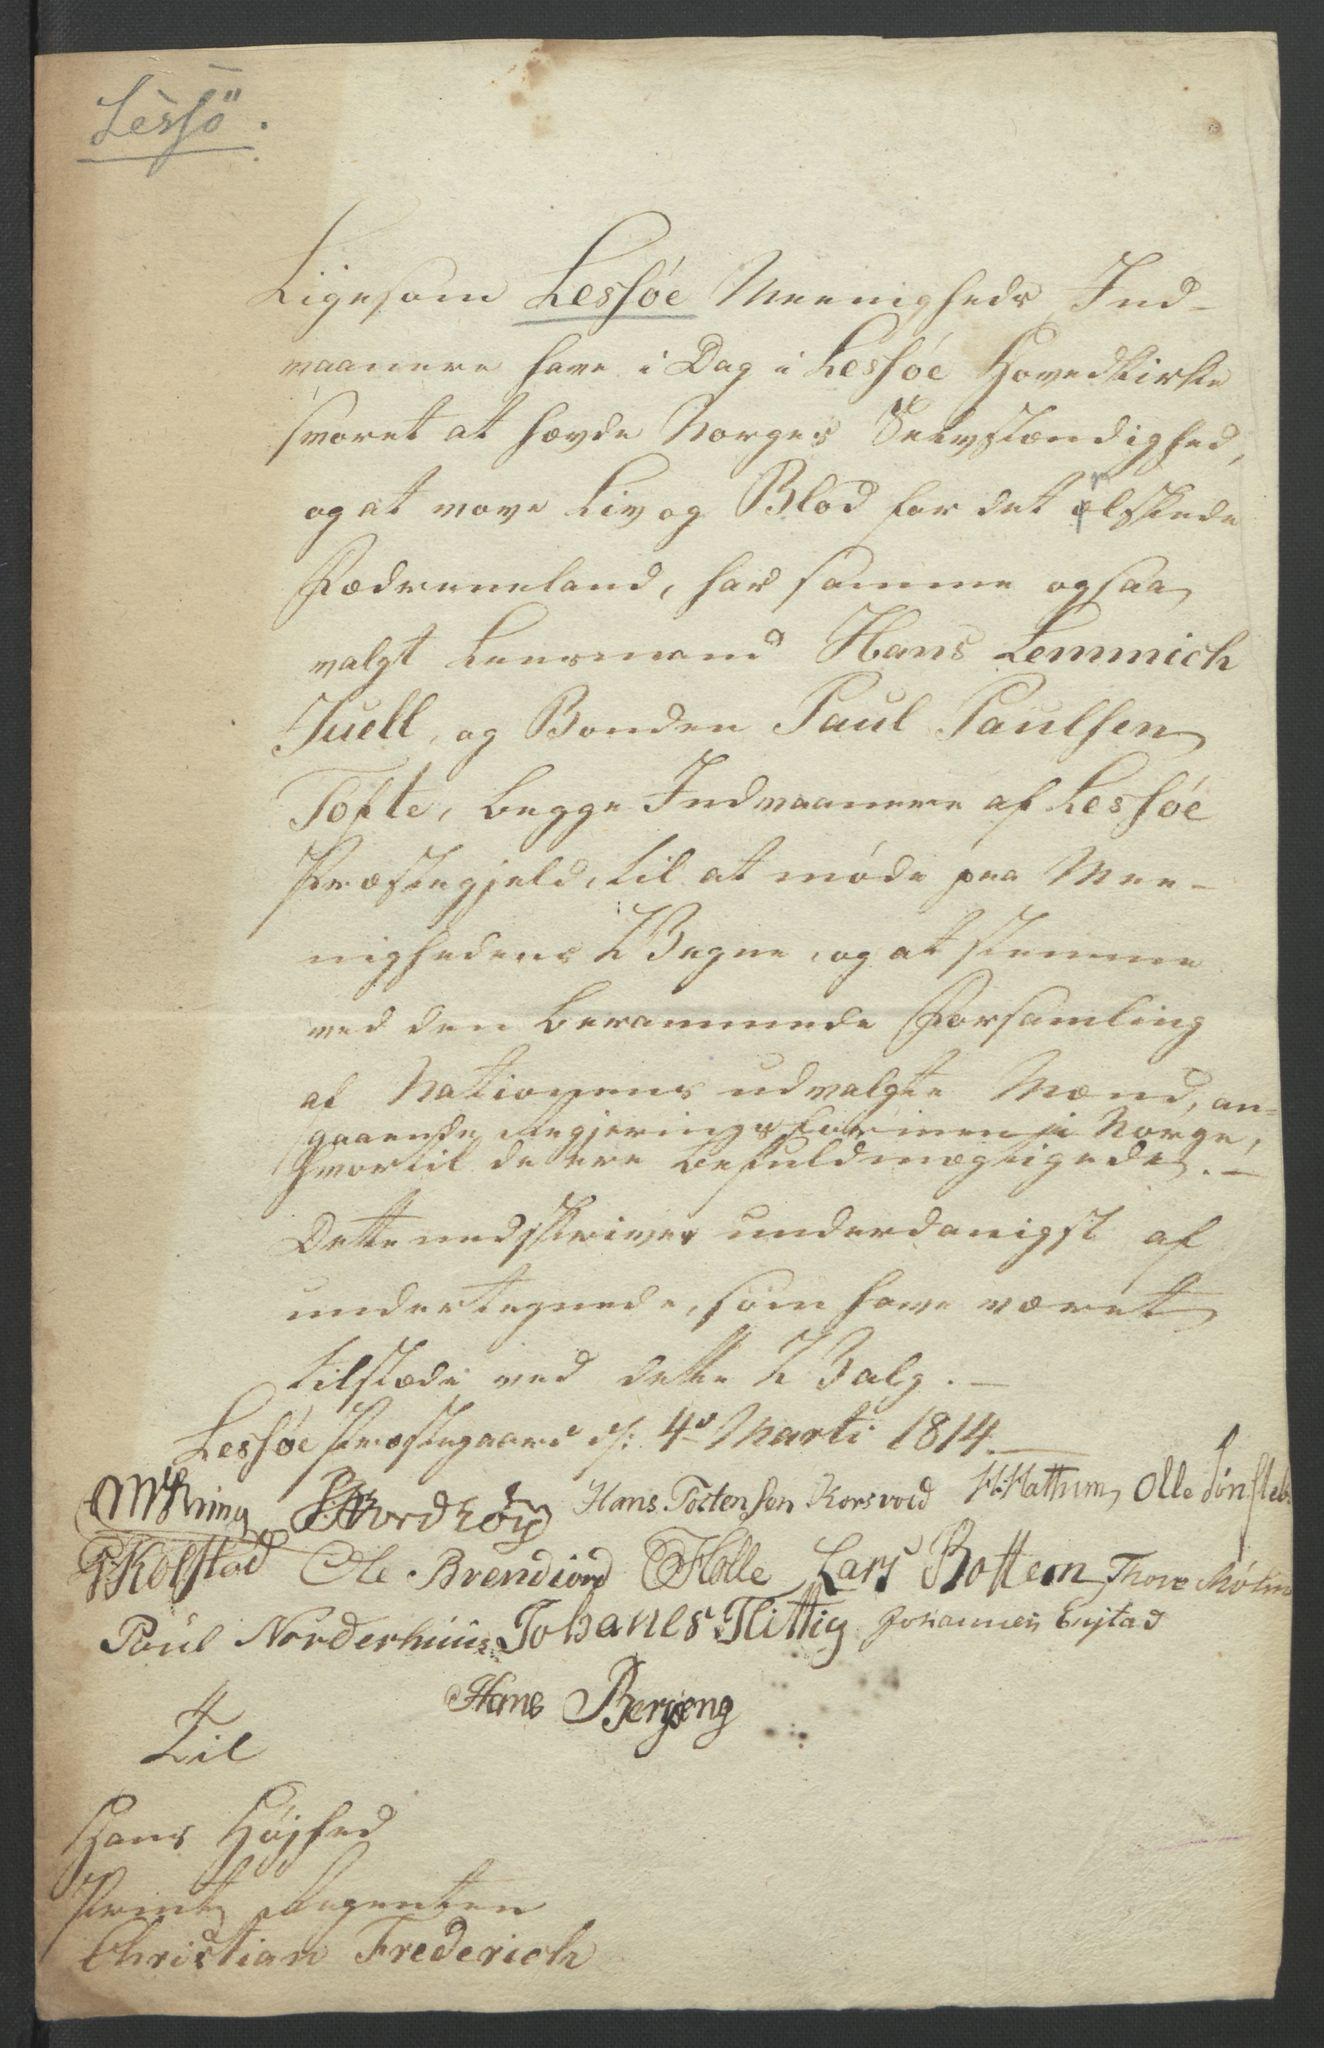 RA, Statsrådssekretariatet, D/Db/L0007: Fullmakter for Eidsvollsrepresentantene i 1814. , 1814, s. 271